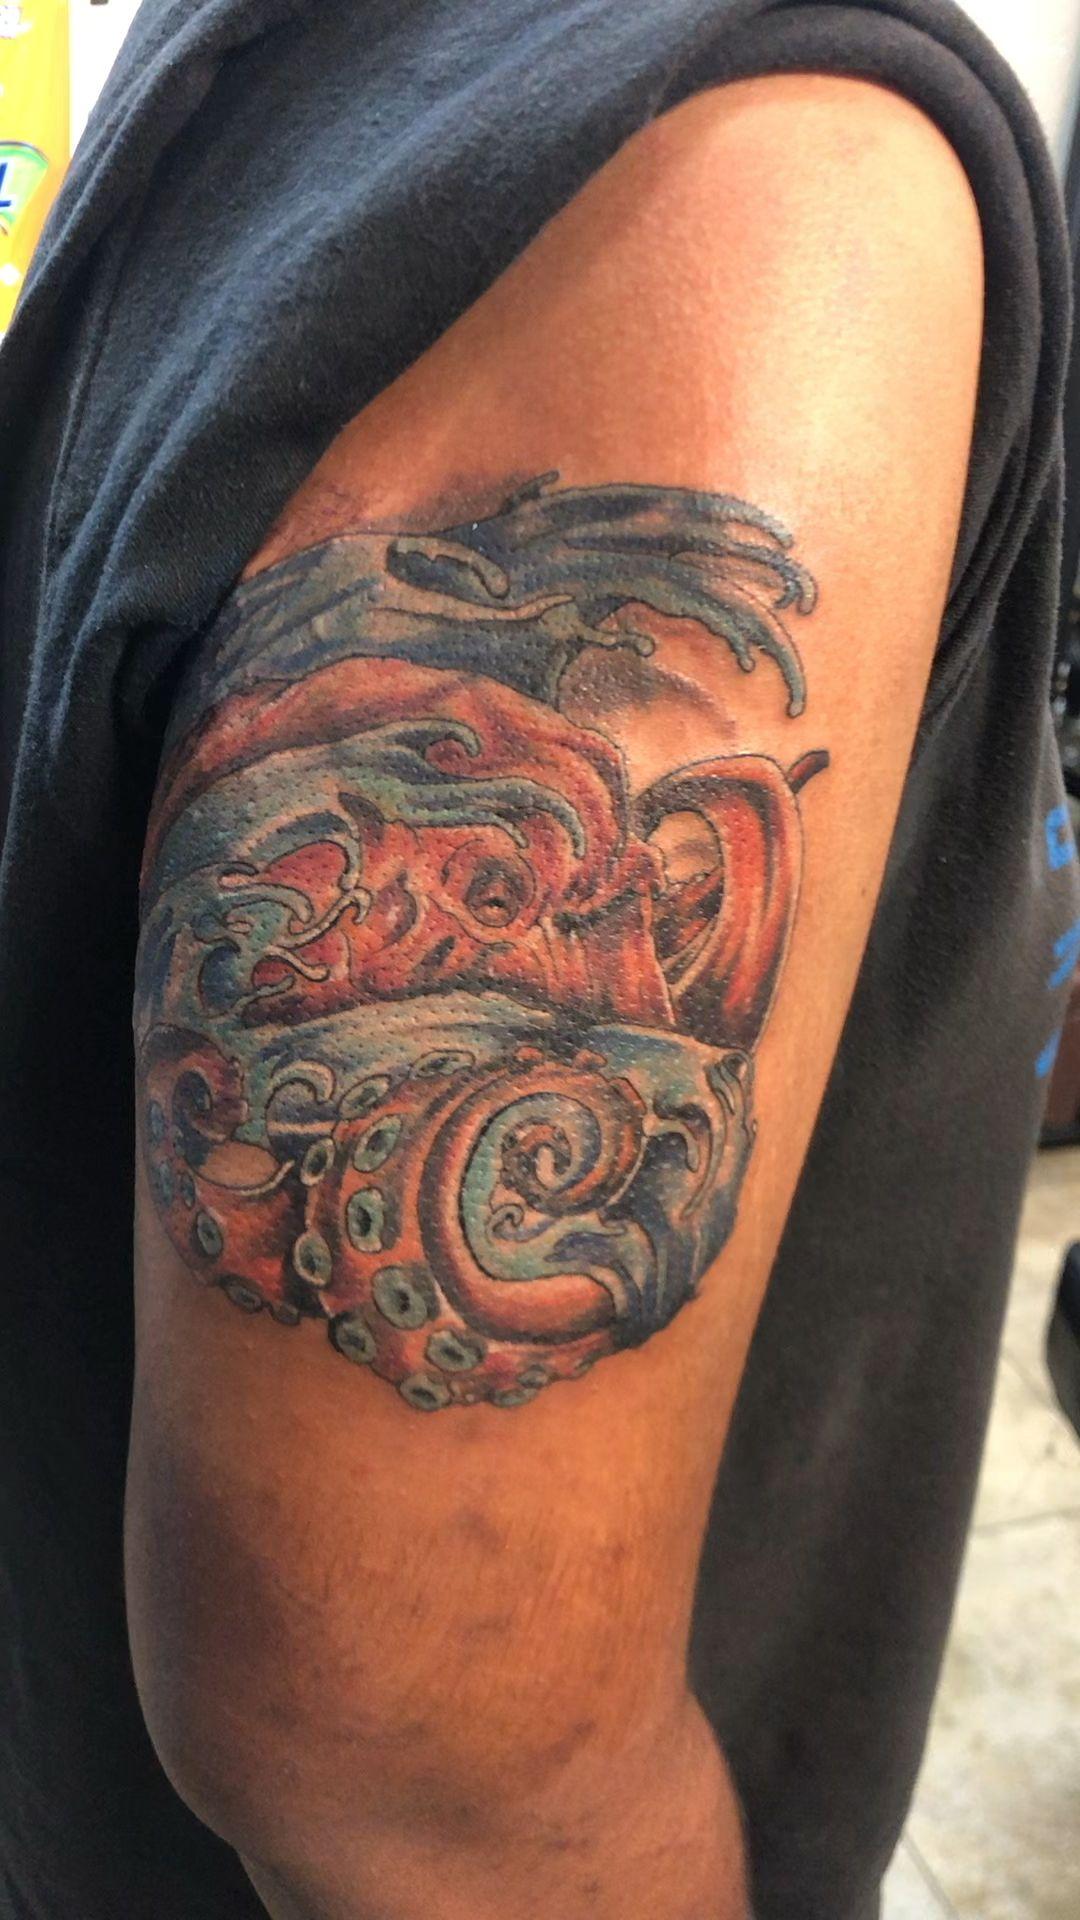 Instagram @ftmyerstattoo @fortmyerstattooflorida @brian_stabile1975 #tattoo #tattooideas #tattooart #tattoodesigns #tattoosofinstagram #brianstabile #octopus #octopustattoos #watertattoo #ftmyerstattoo #fortmyerstattooartist #besttattooartist #infamous